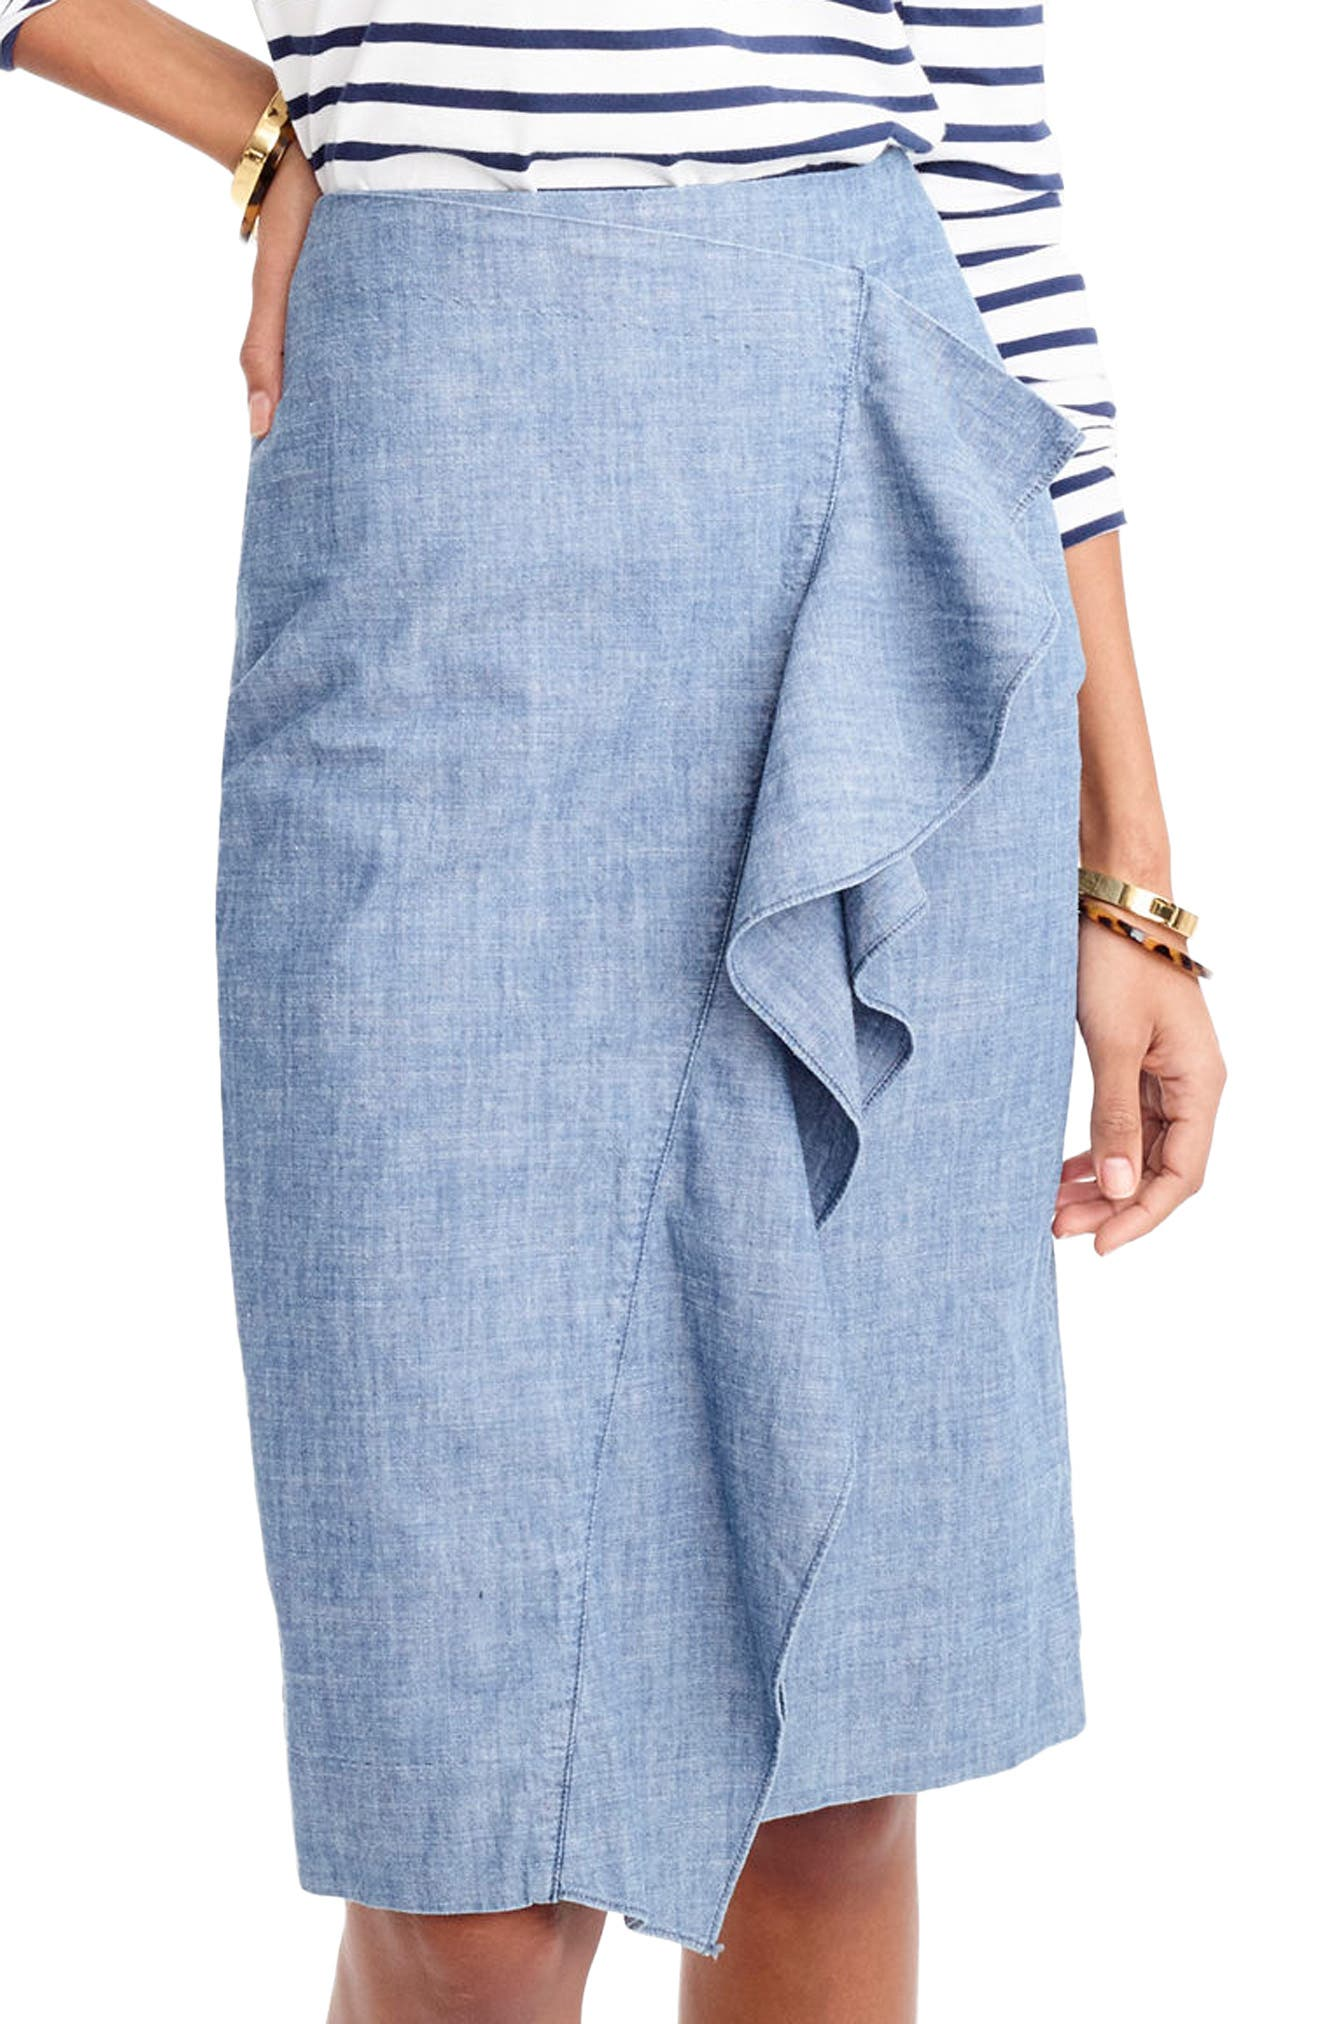 Chambray Ruffle Skirt,                             Main thumbnail 1, color,                             400